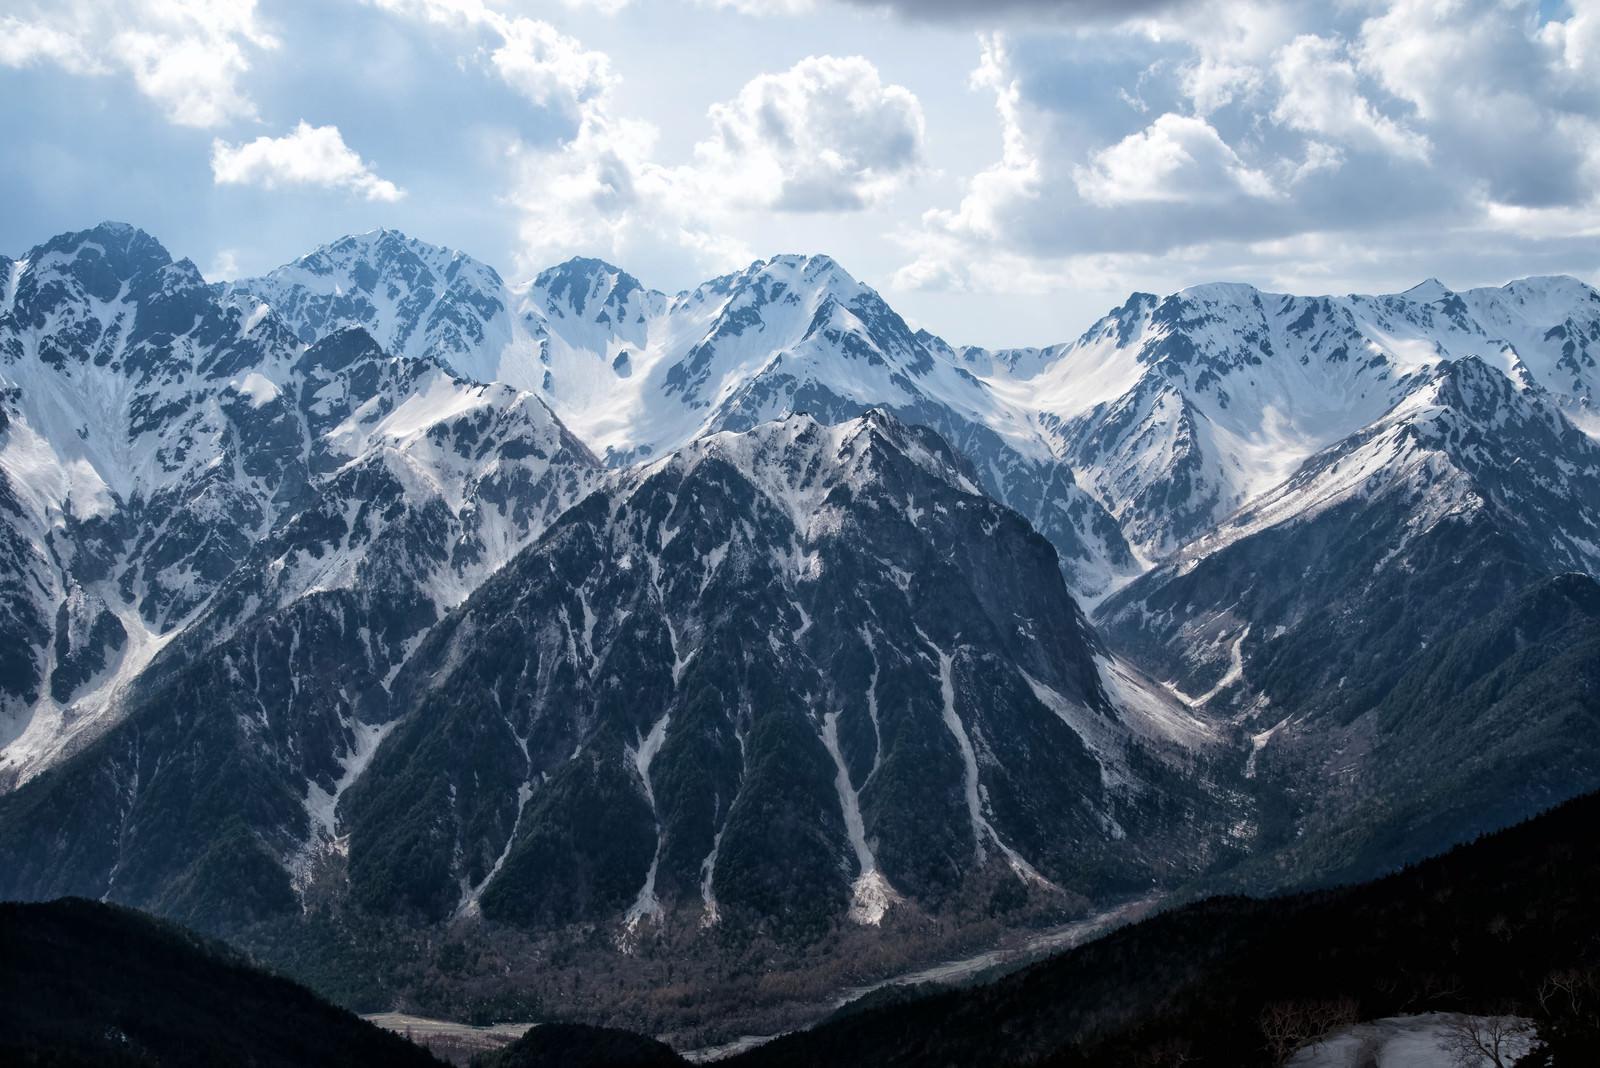 「蝶ヶ岳から見下ろす巨大な屏風岩(飛騨山脈)」の写真